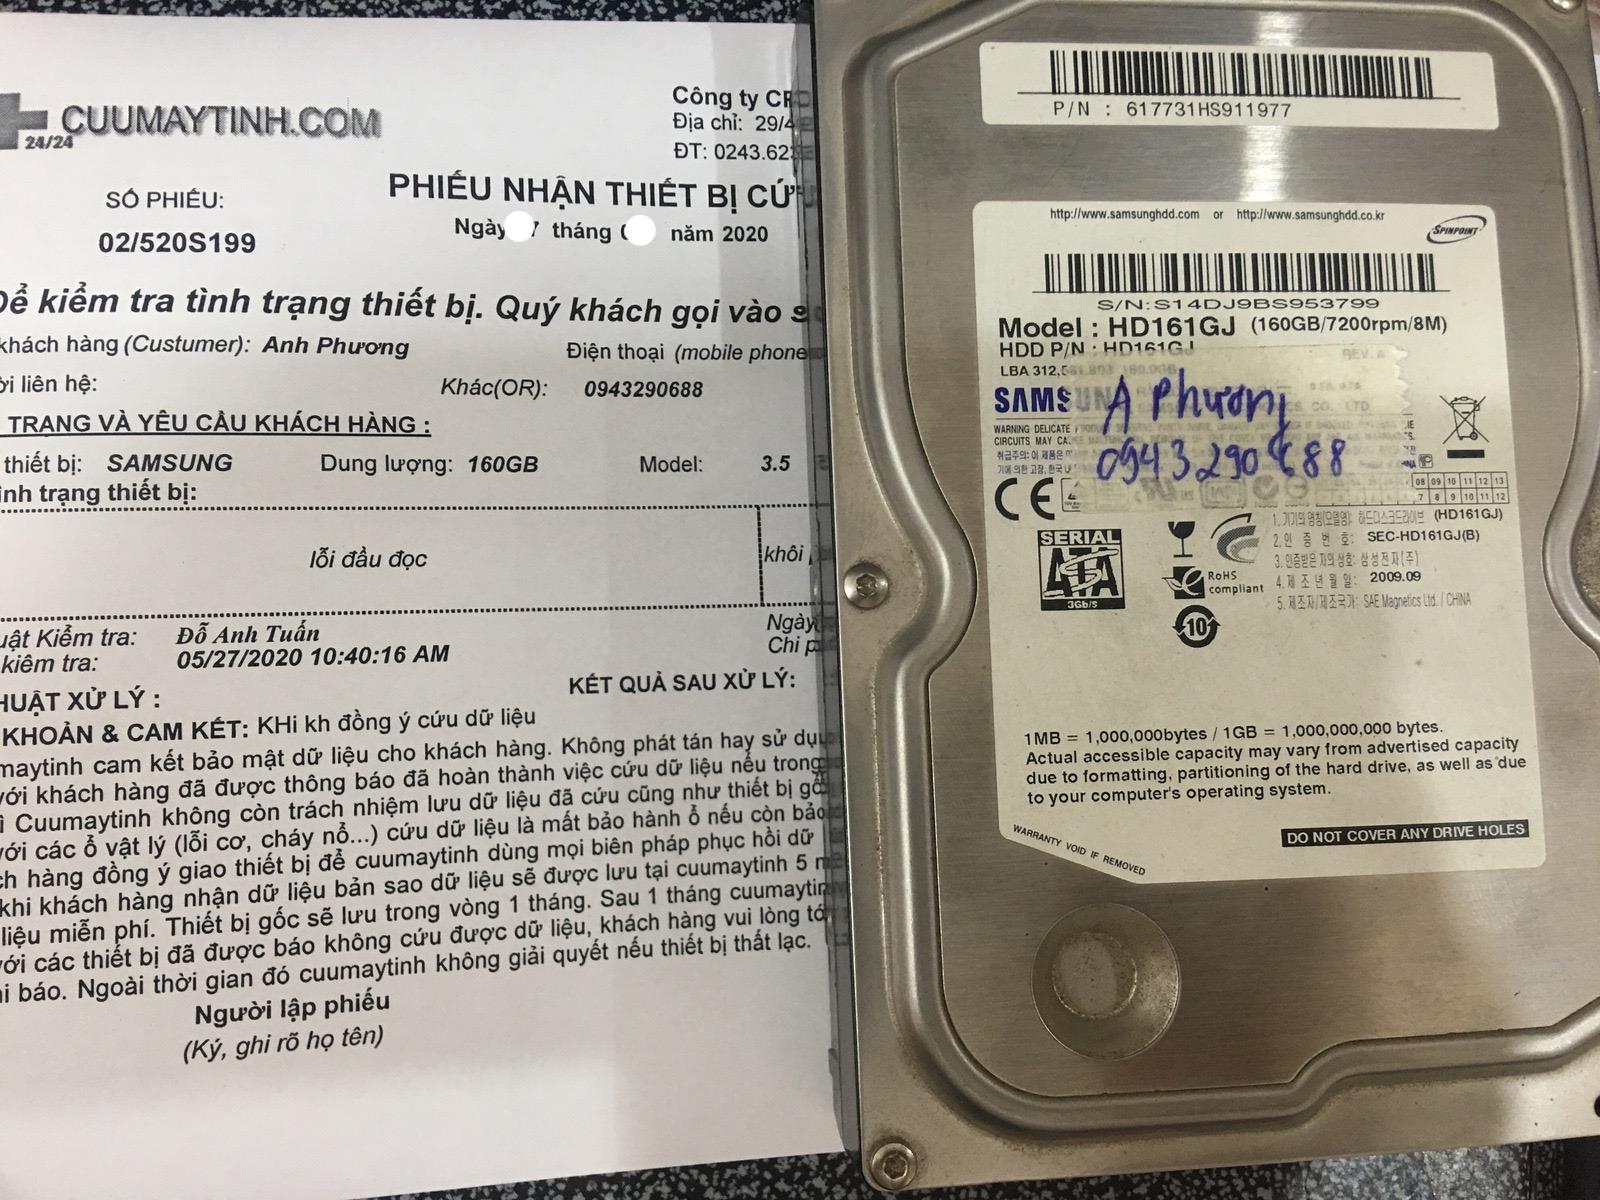 Lấy dữ liệu ổ cứng Samsung 160GB lỗi đầu đọc 02/06/2020 - cuumaytinh